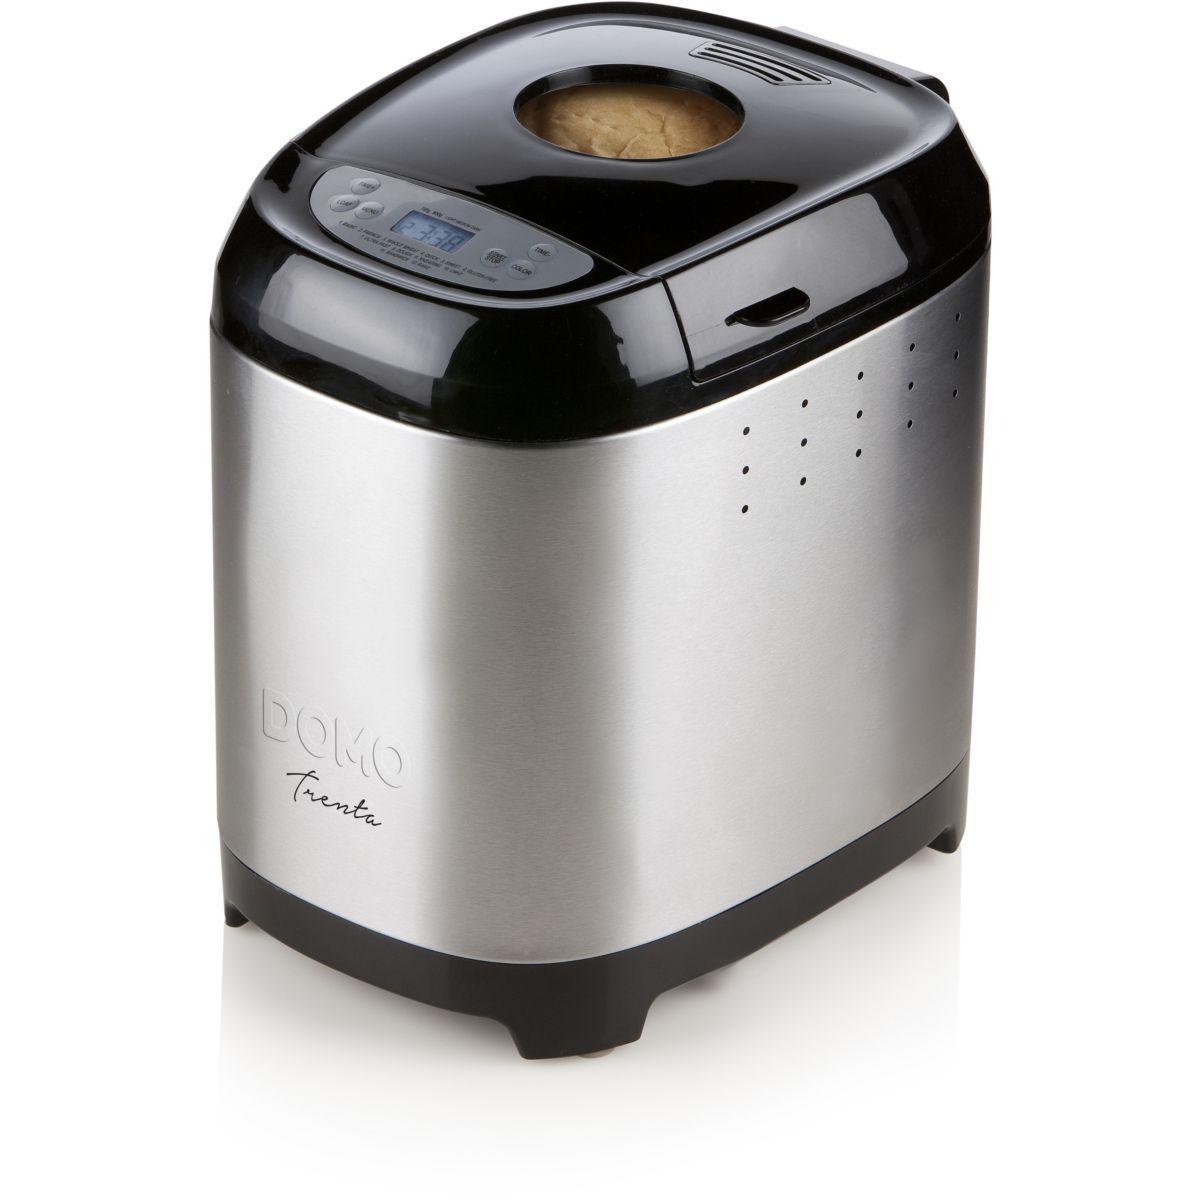 Machine � pain domo b3962 - 10% de remise imm�diate avec le code : wd10 (photo)